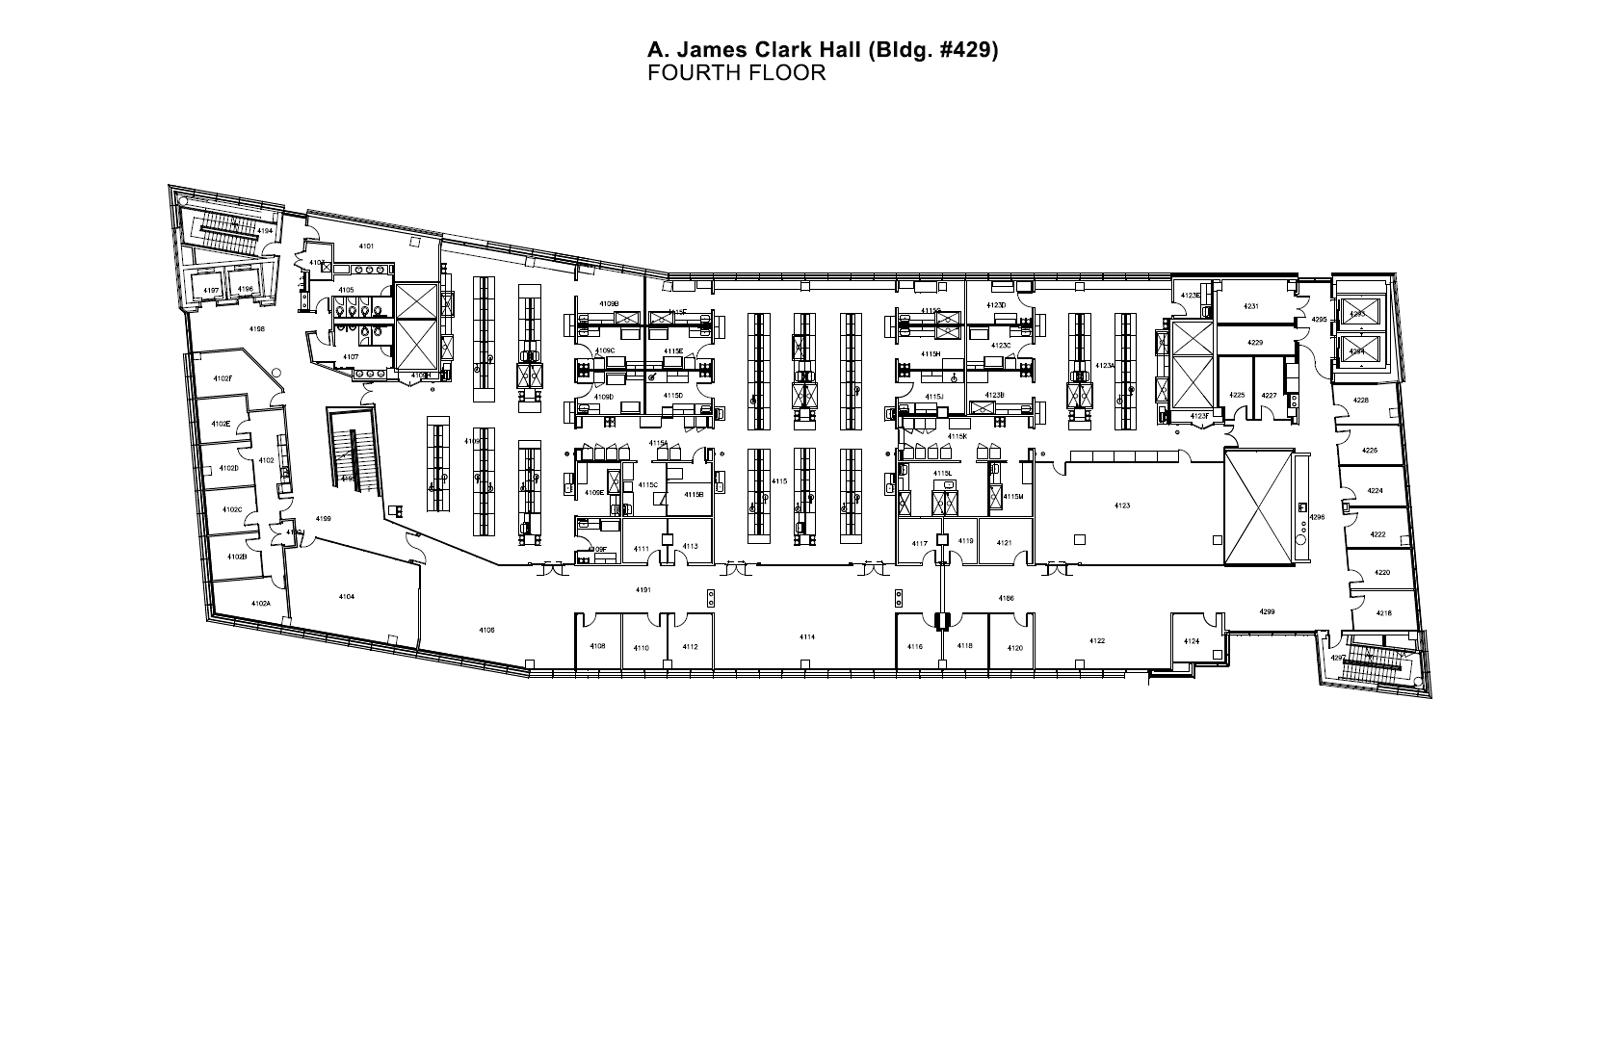 Building Maps Clarknet The Clark School Of Engineering